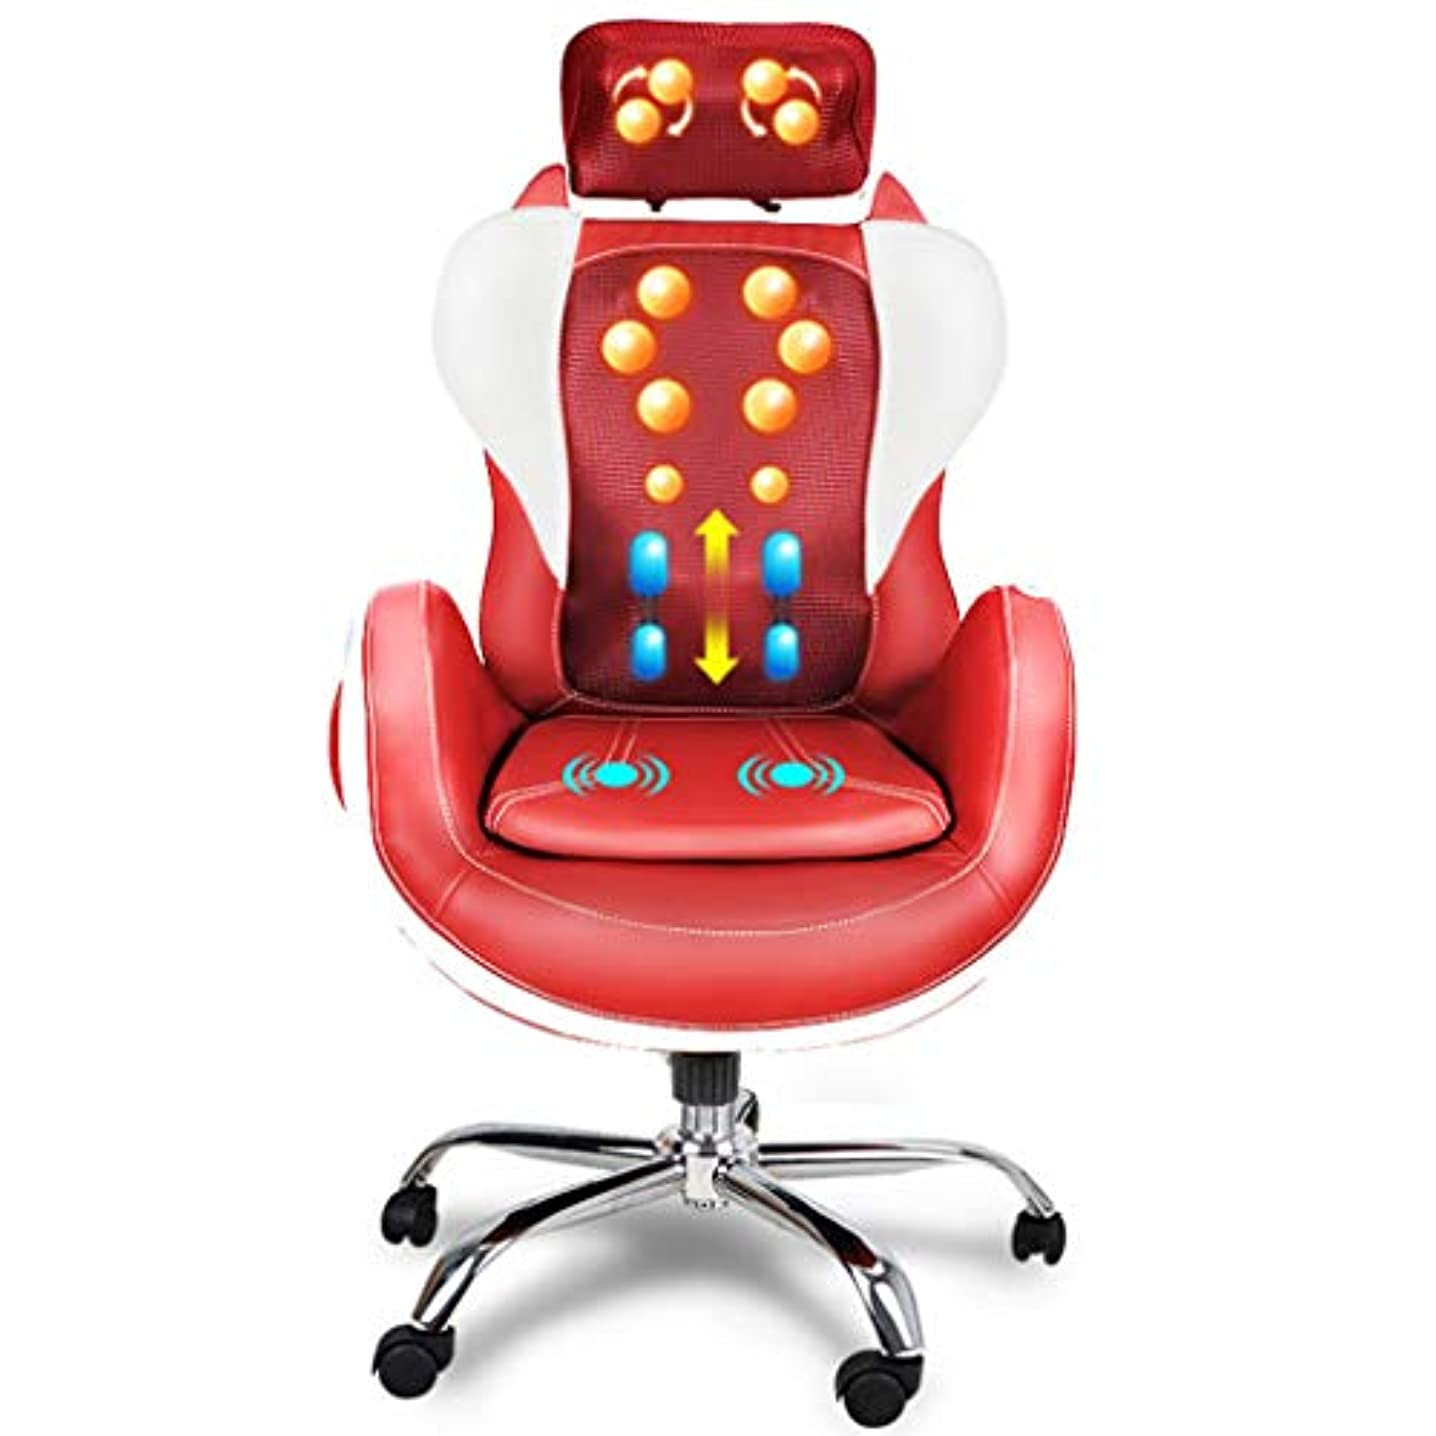 スラダム四面体シャベルフル 体 ケア 贅沢な 熱 オフィス Eletric マッサージ 椅子 体 マッサージ 椅子 コンピュータチェア 回転椅子 多機能 マッサージ器。 MAG.AL,Red